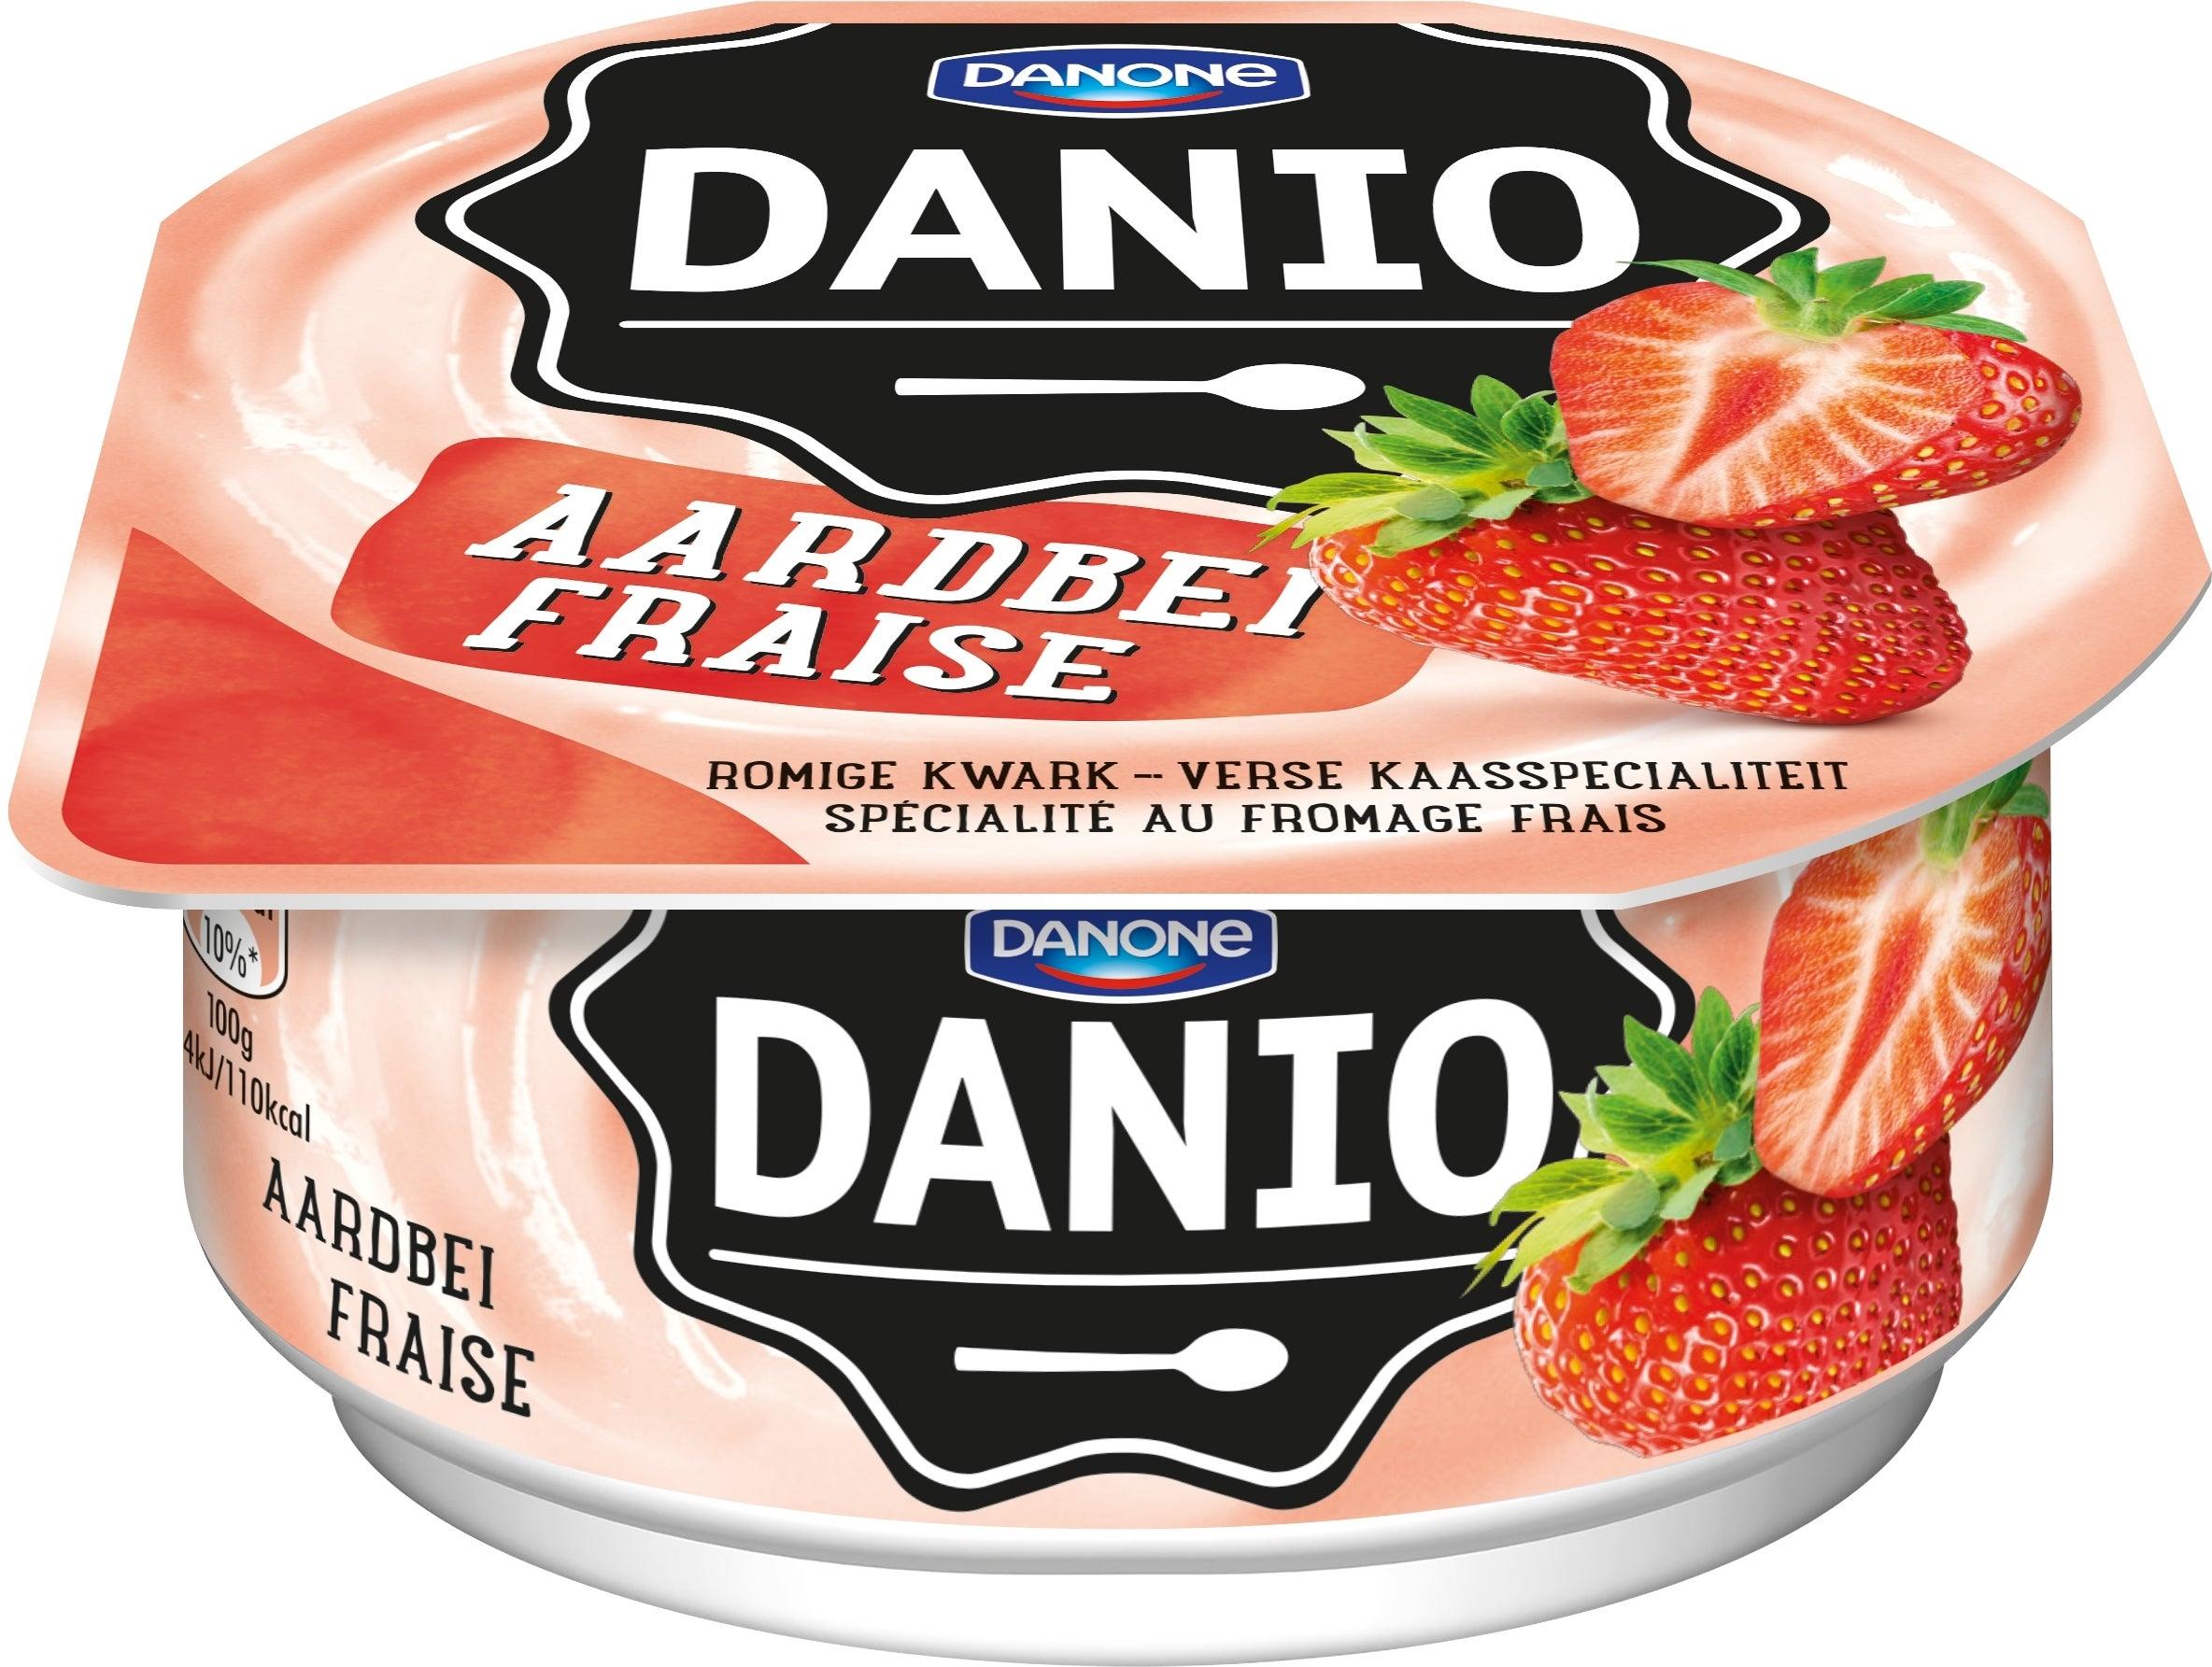 Danio Fraise 180g